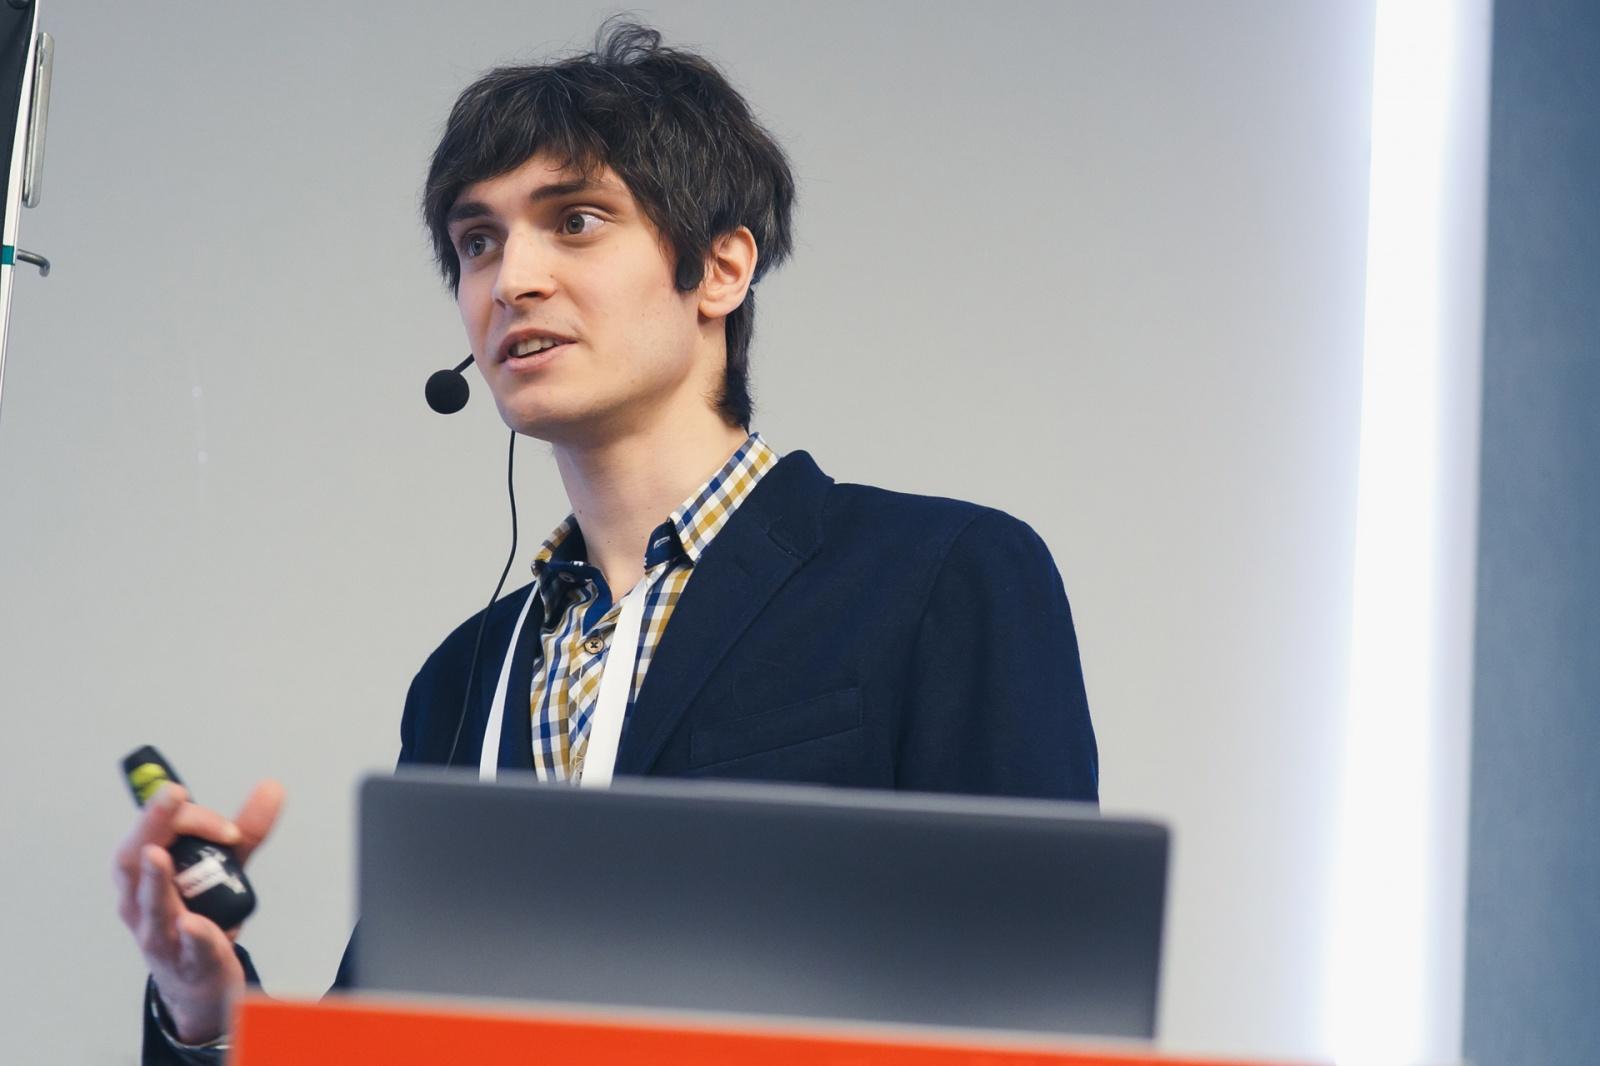 Конференция Mobius: как в мобильных устройствах открывали неочевидное - 5